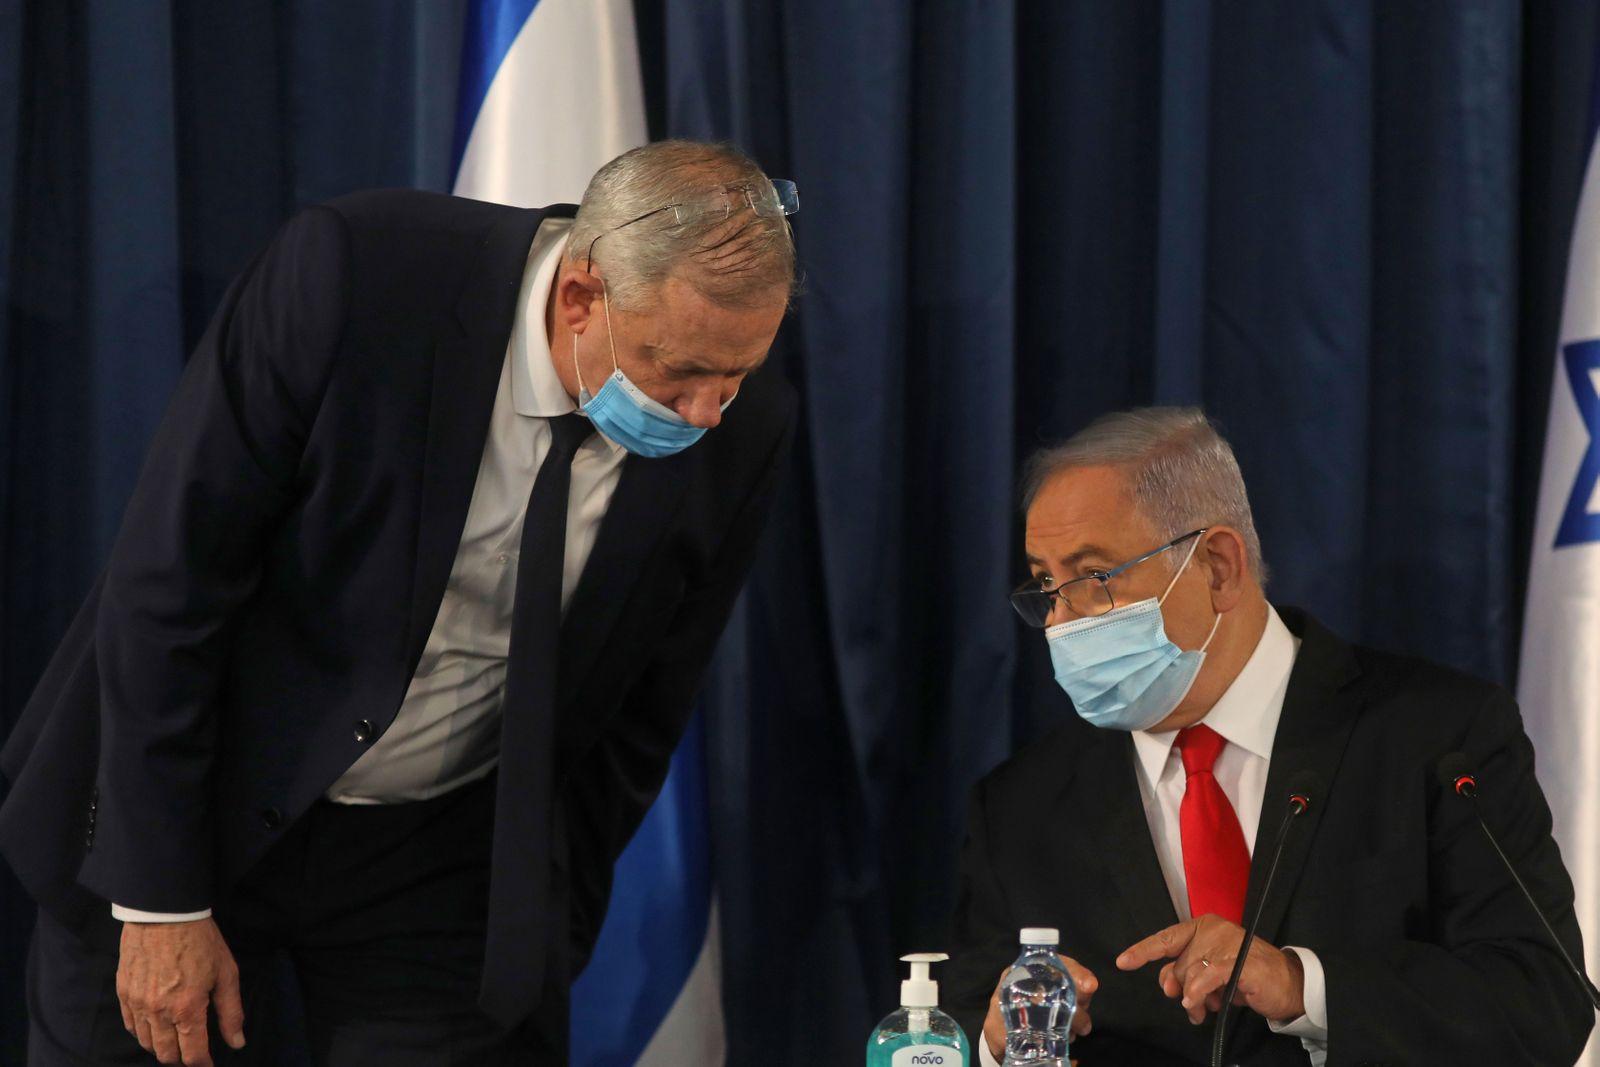 Weekly cabinet meeting in Israel, Jerusalem - 07 Jun 2020